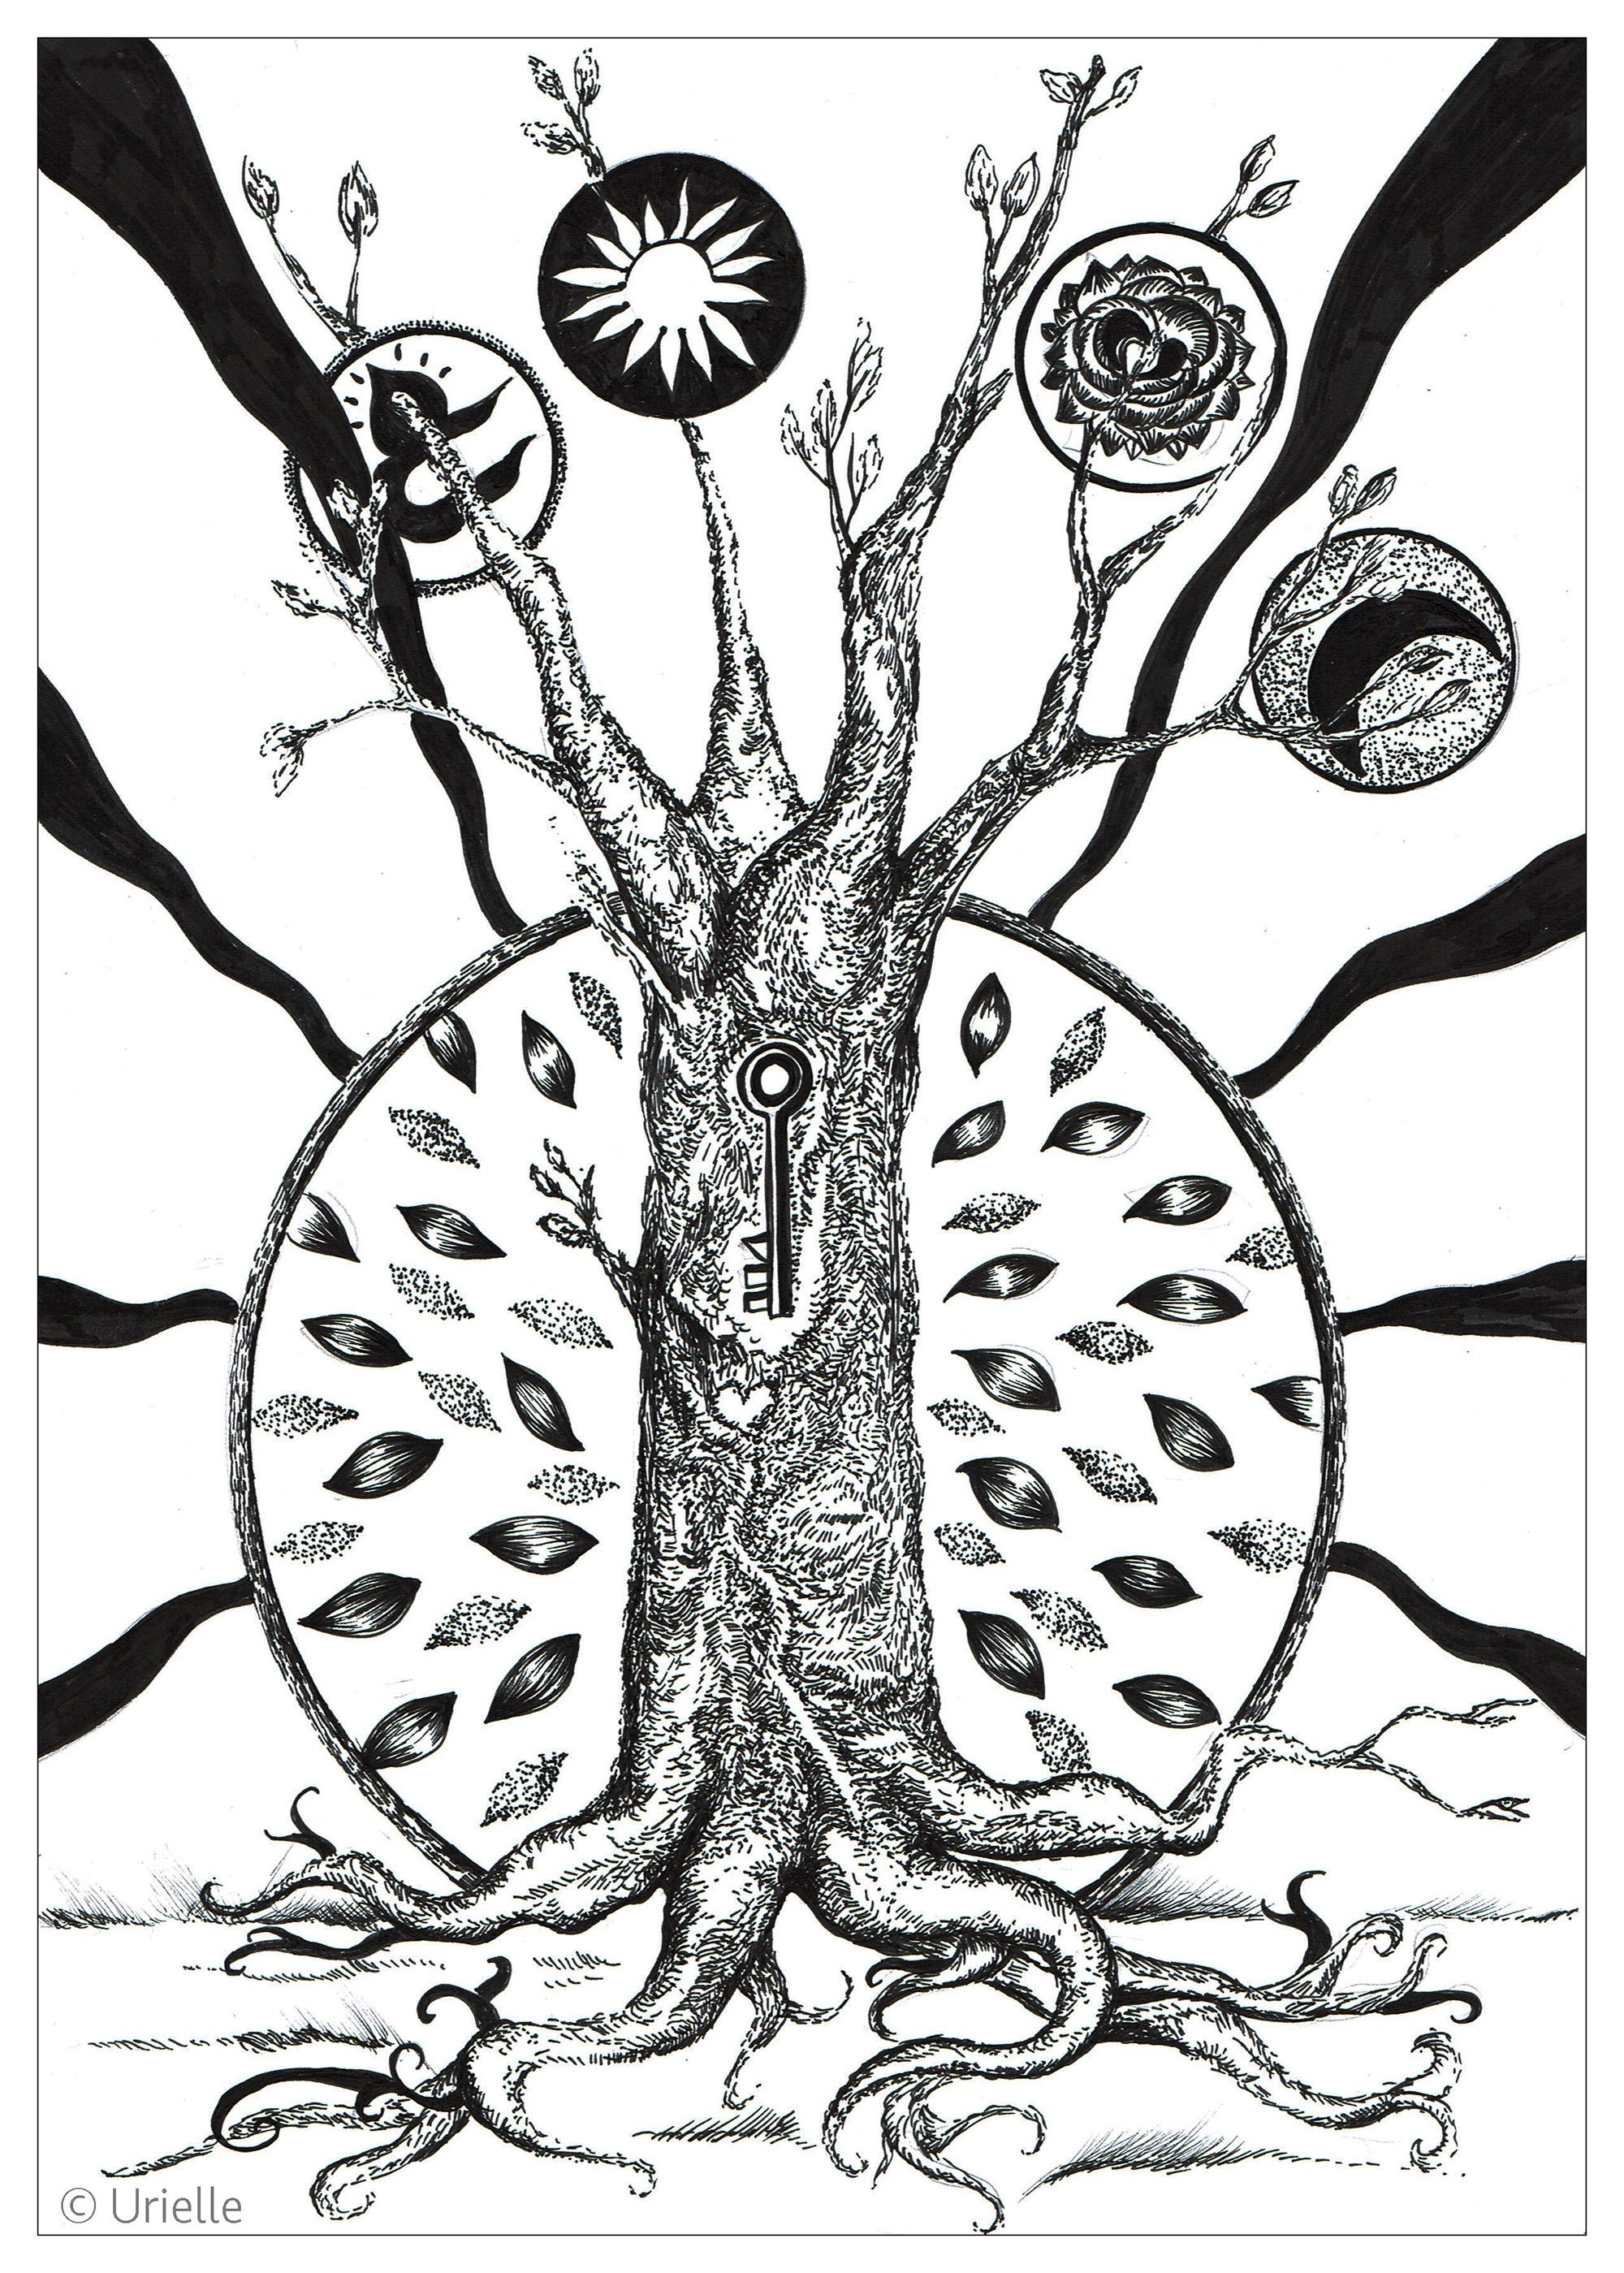 La clé de l'arbreA partir de la galerie : Fleurs Et VegetationArtiste : Urielle